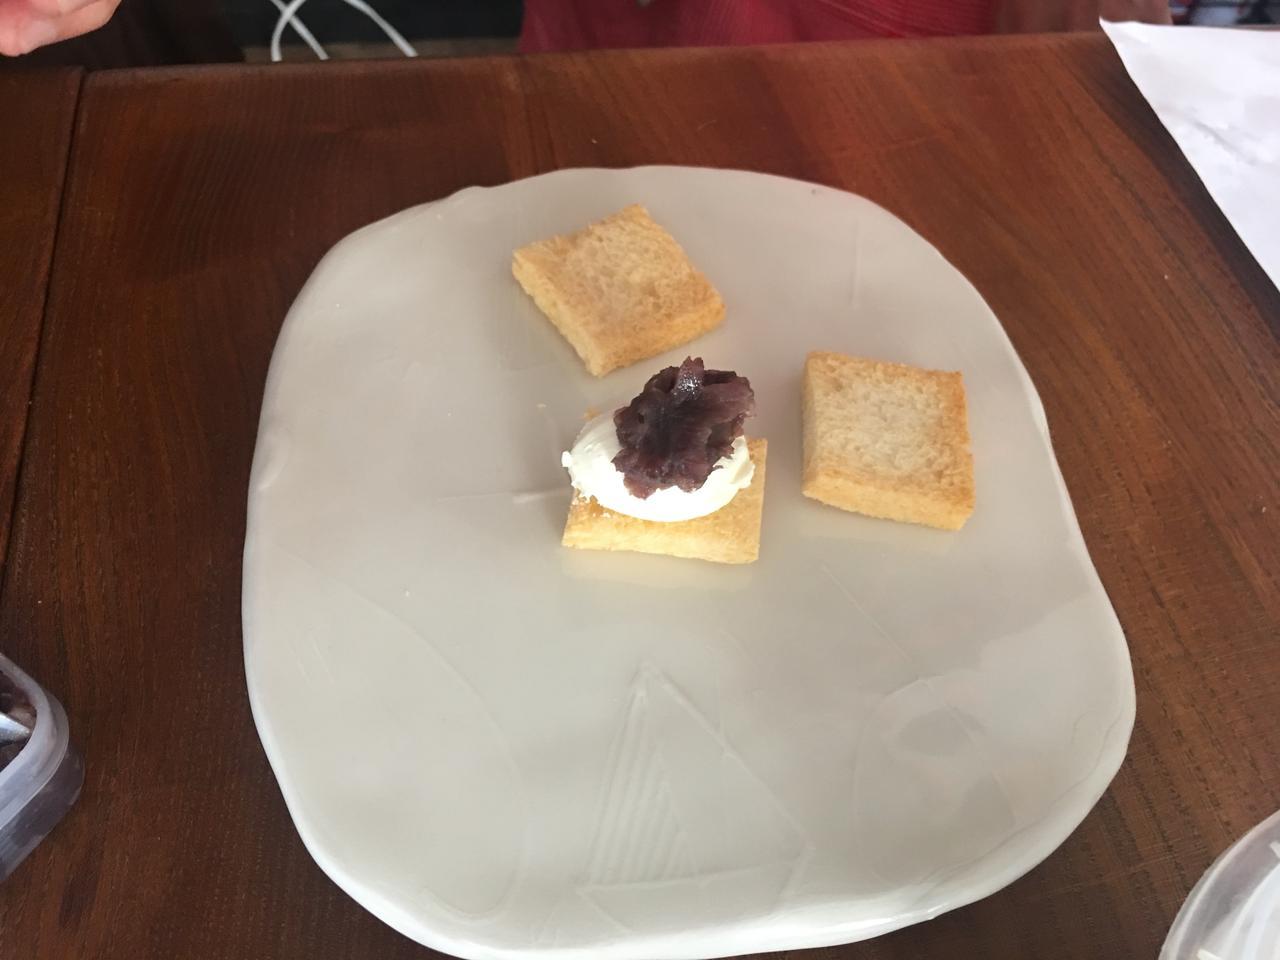 画像2: クリームチーズとあんこの塩昆布カナッペ